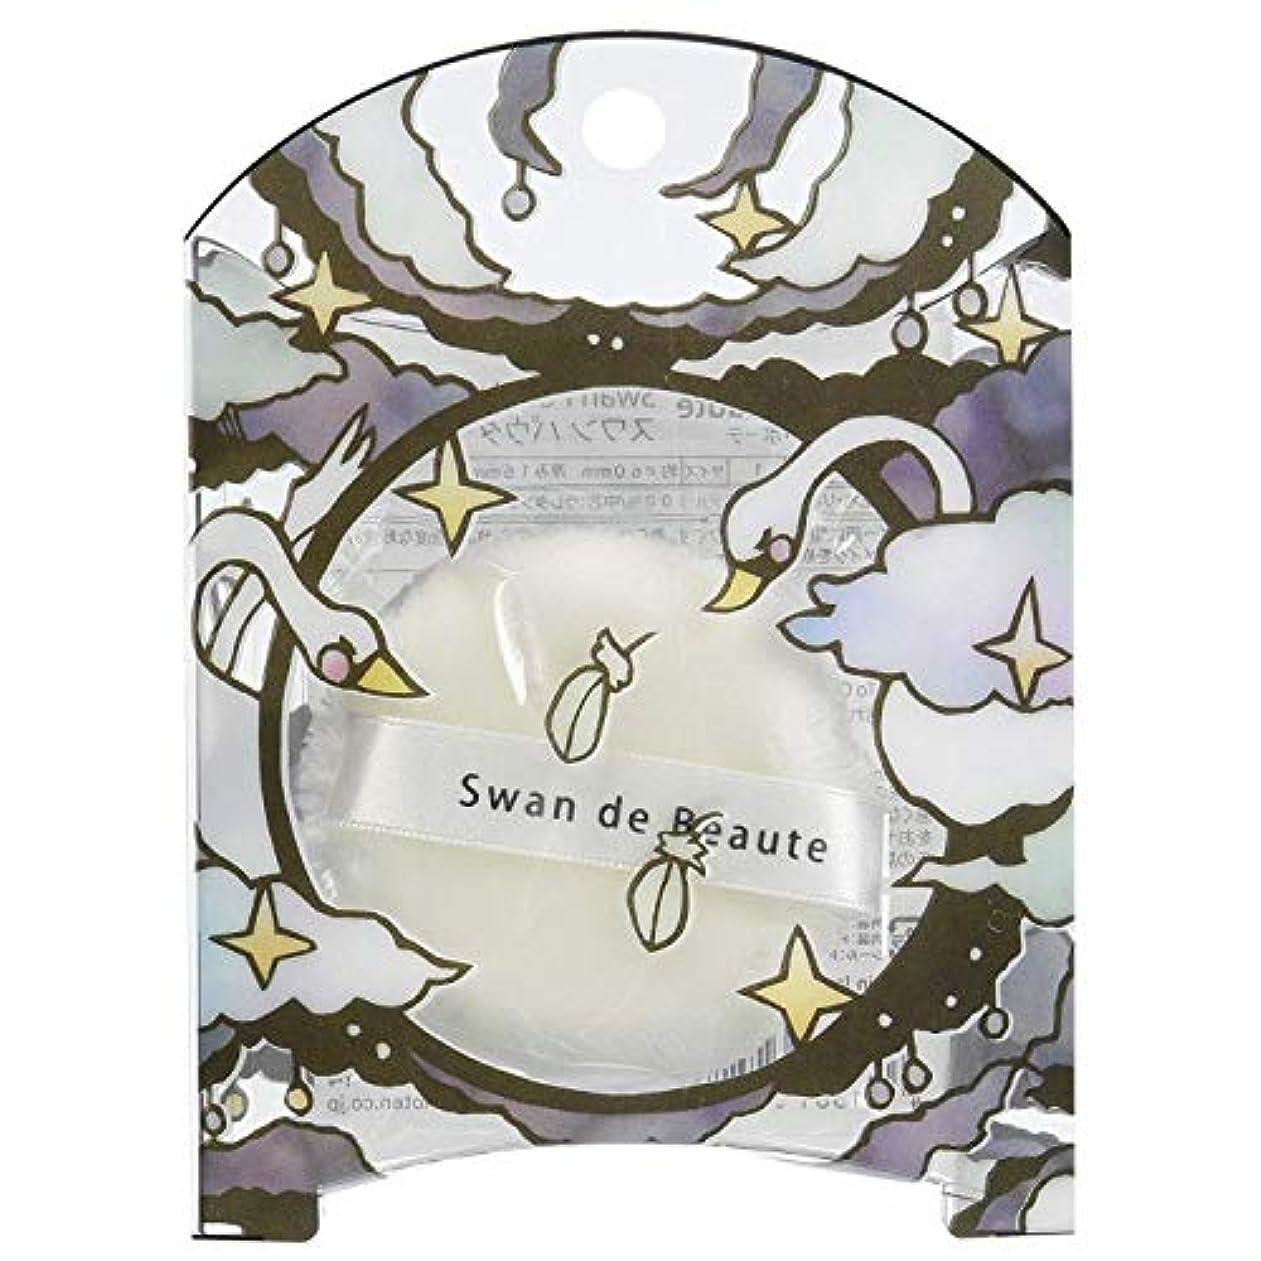 建設追い付く恐怖症swan de beaute(スワン?ド?ボーテ) スワン パウダーパフ SWAN-02 (1個)